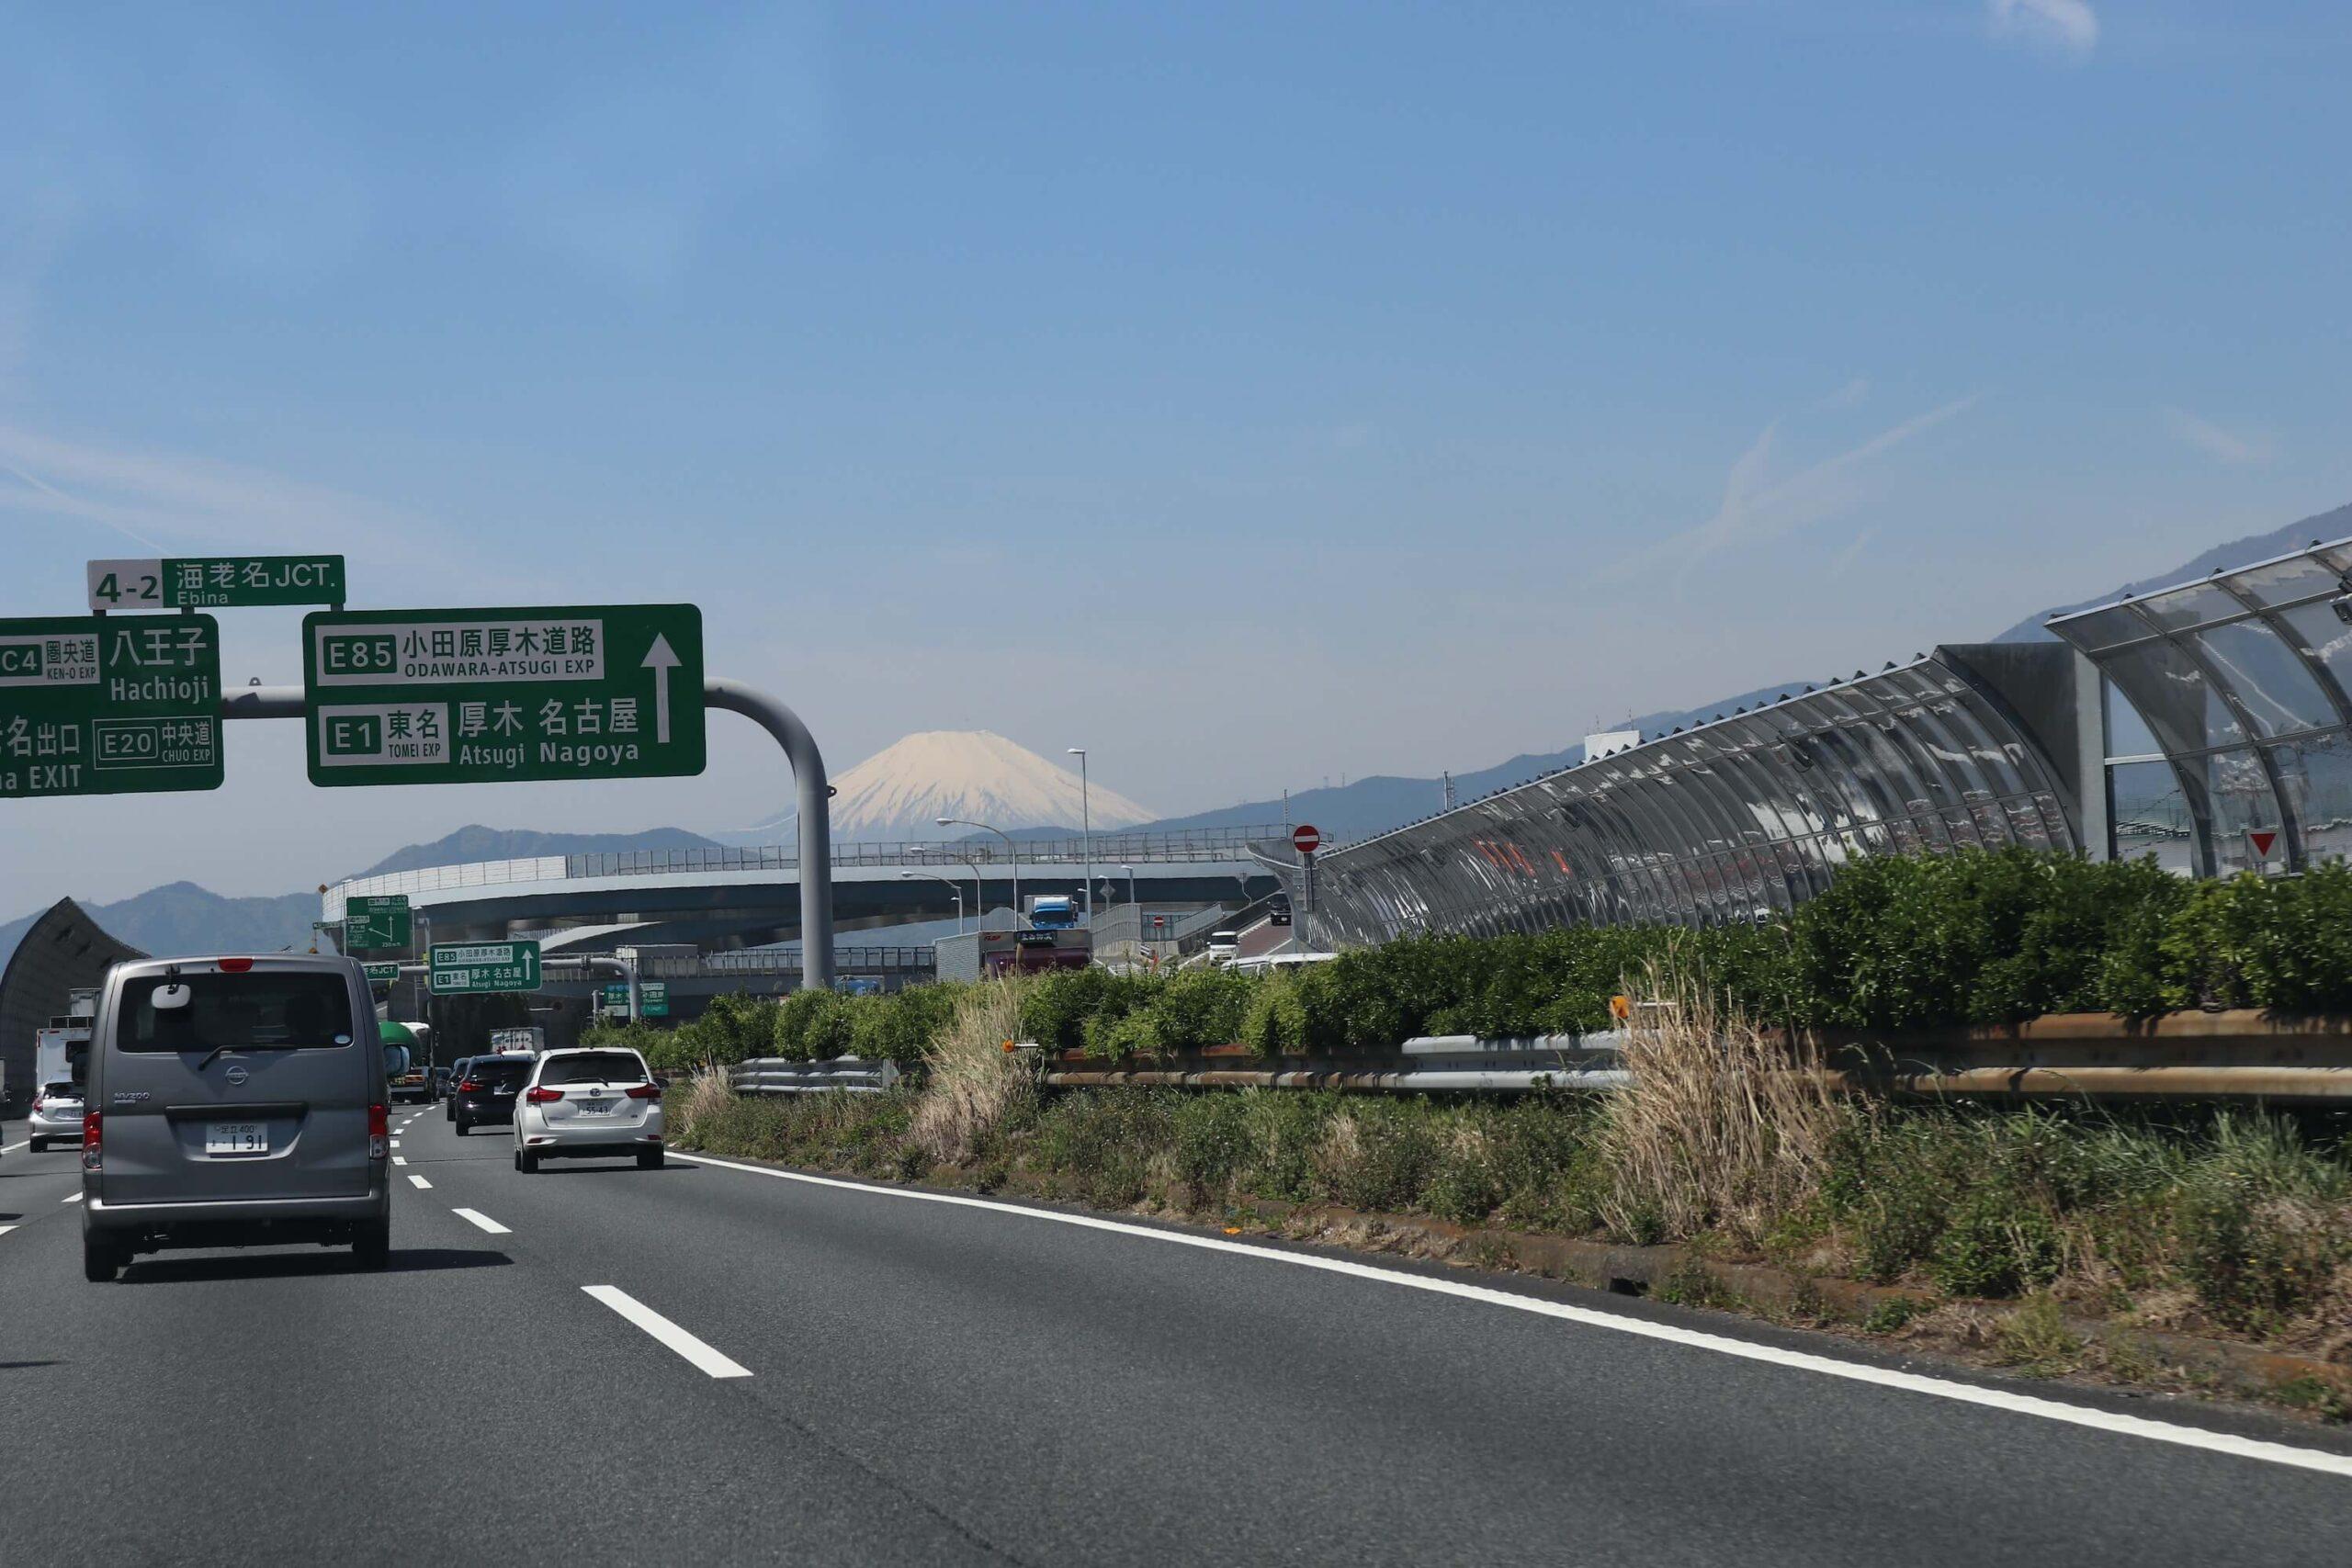 海老名jctから見える富士山